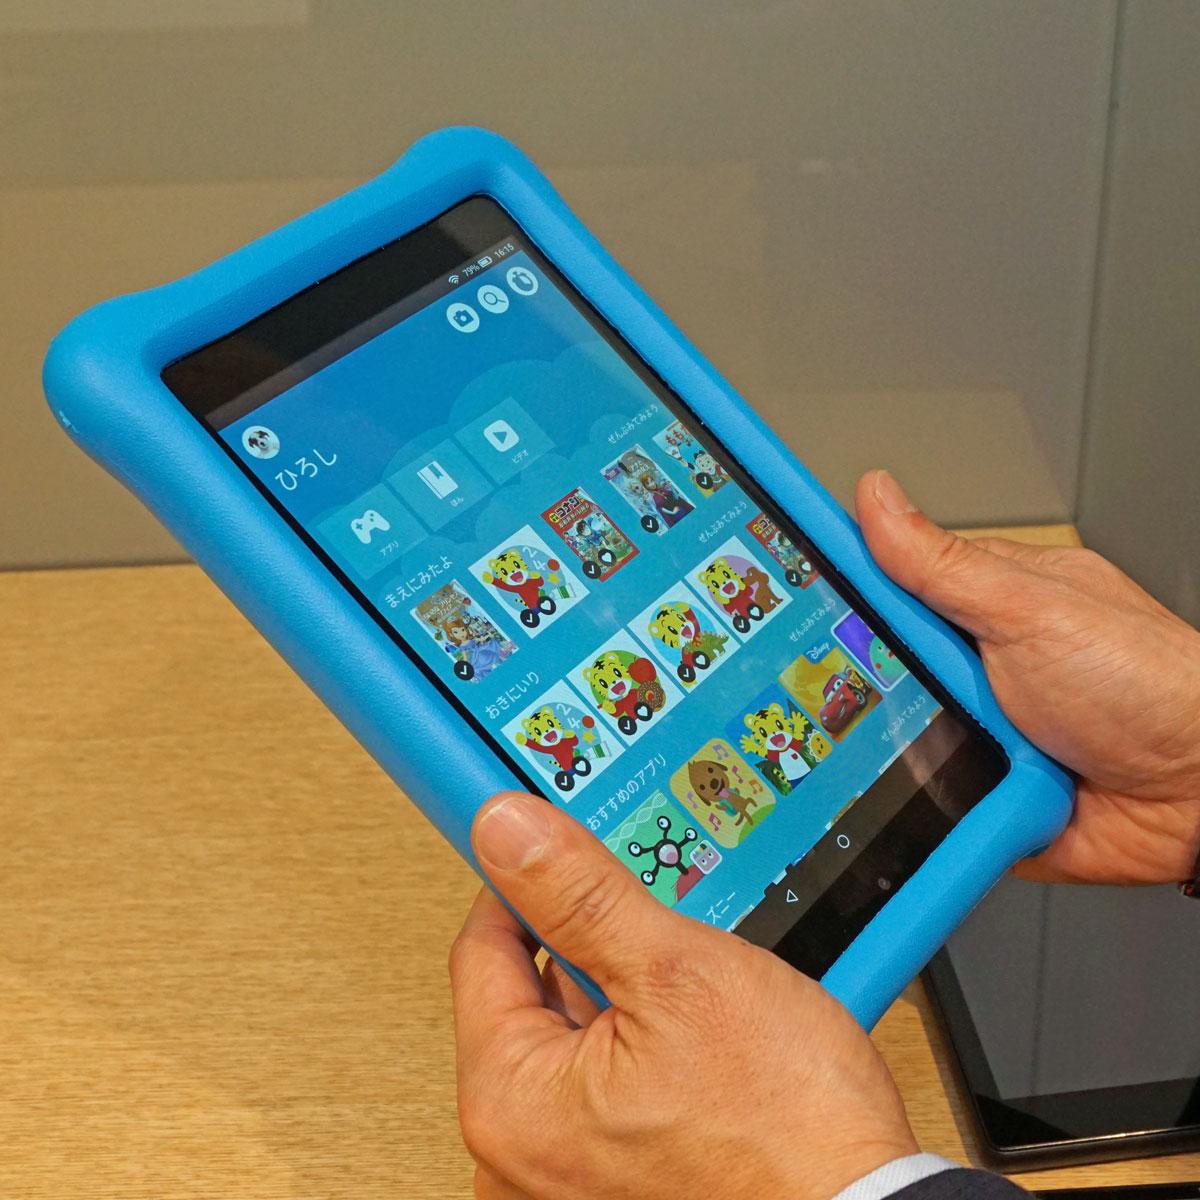 Amazonが手がけた子供向けタブレット「Fire HD 8 キッズモデル」は充実の安心安全機能が魅力